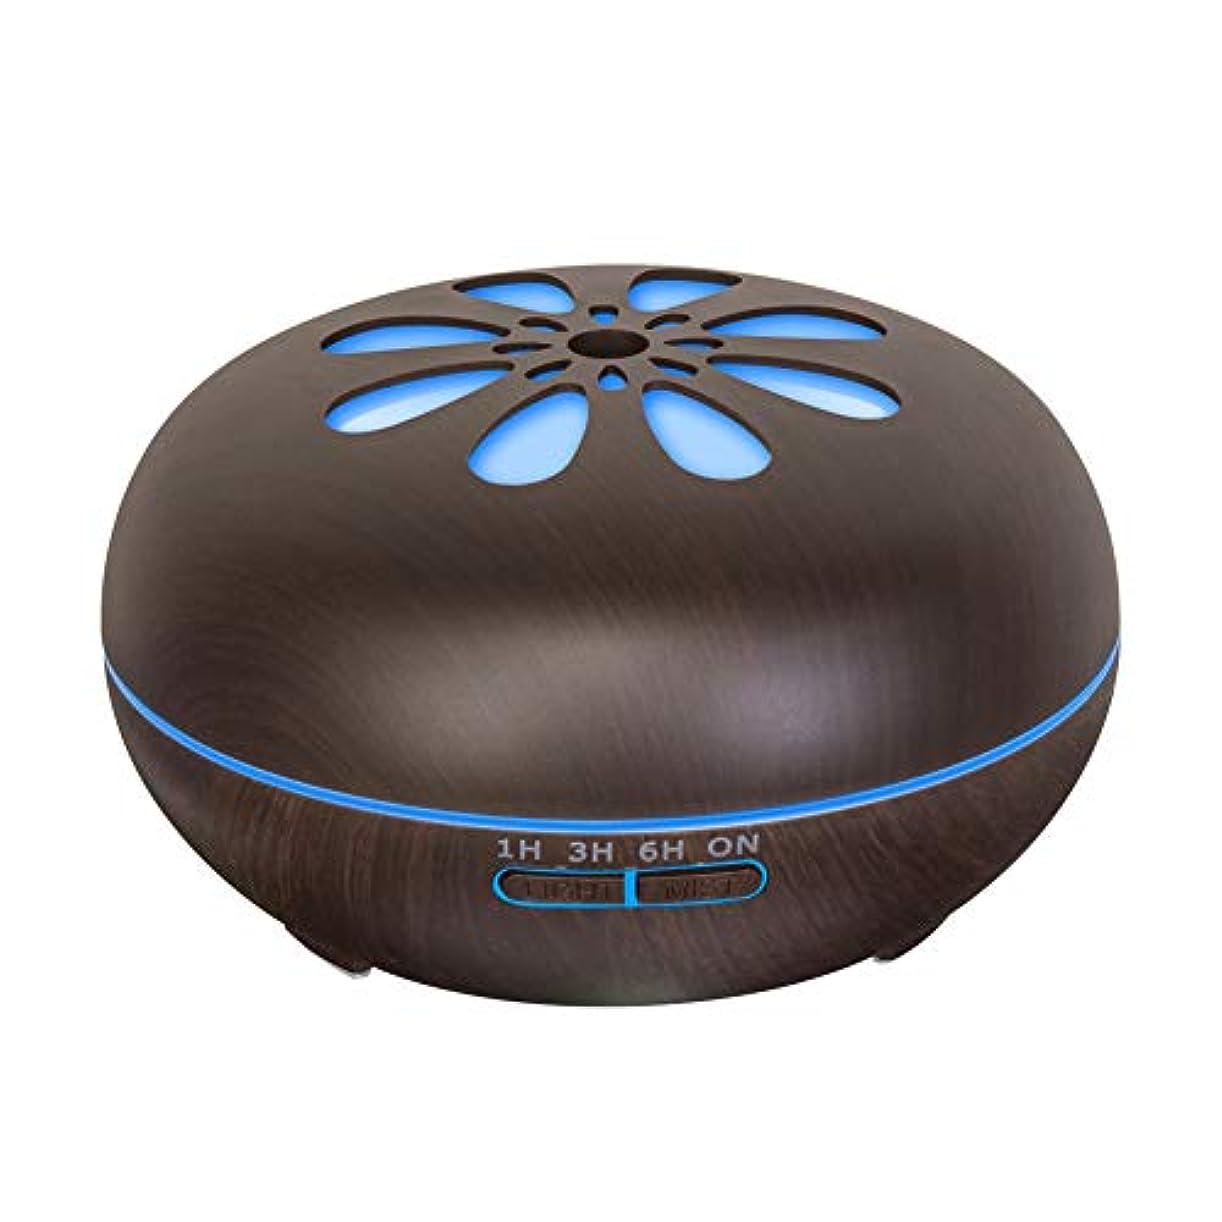 ペンフレンドパイプラインデモンストレーション550 Ml 木目 涼しい霧 加湿器,リモコン 7 色 超音波式 加湿機 時間 香り 精油 ディフューザー ホーム オフィス リビング ルーム Yoga-h